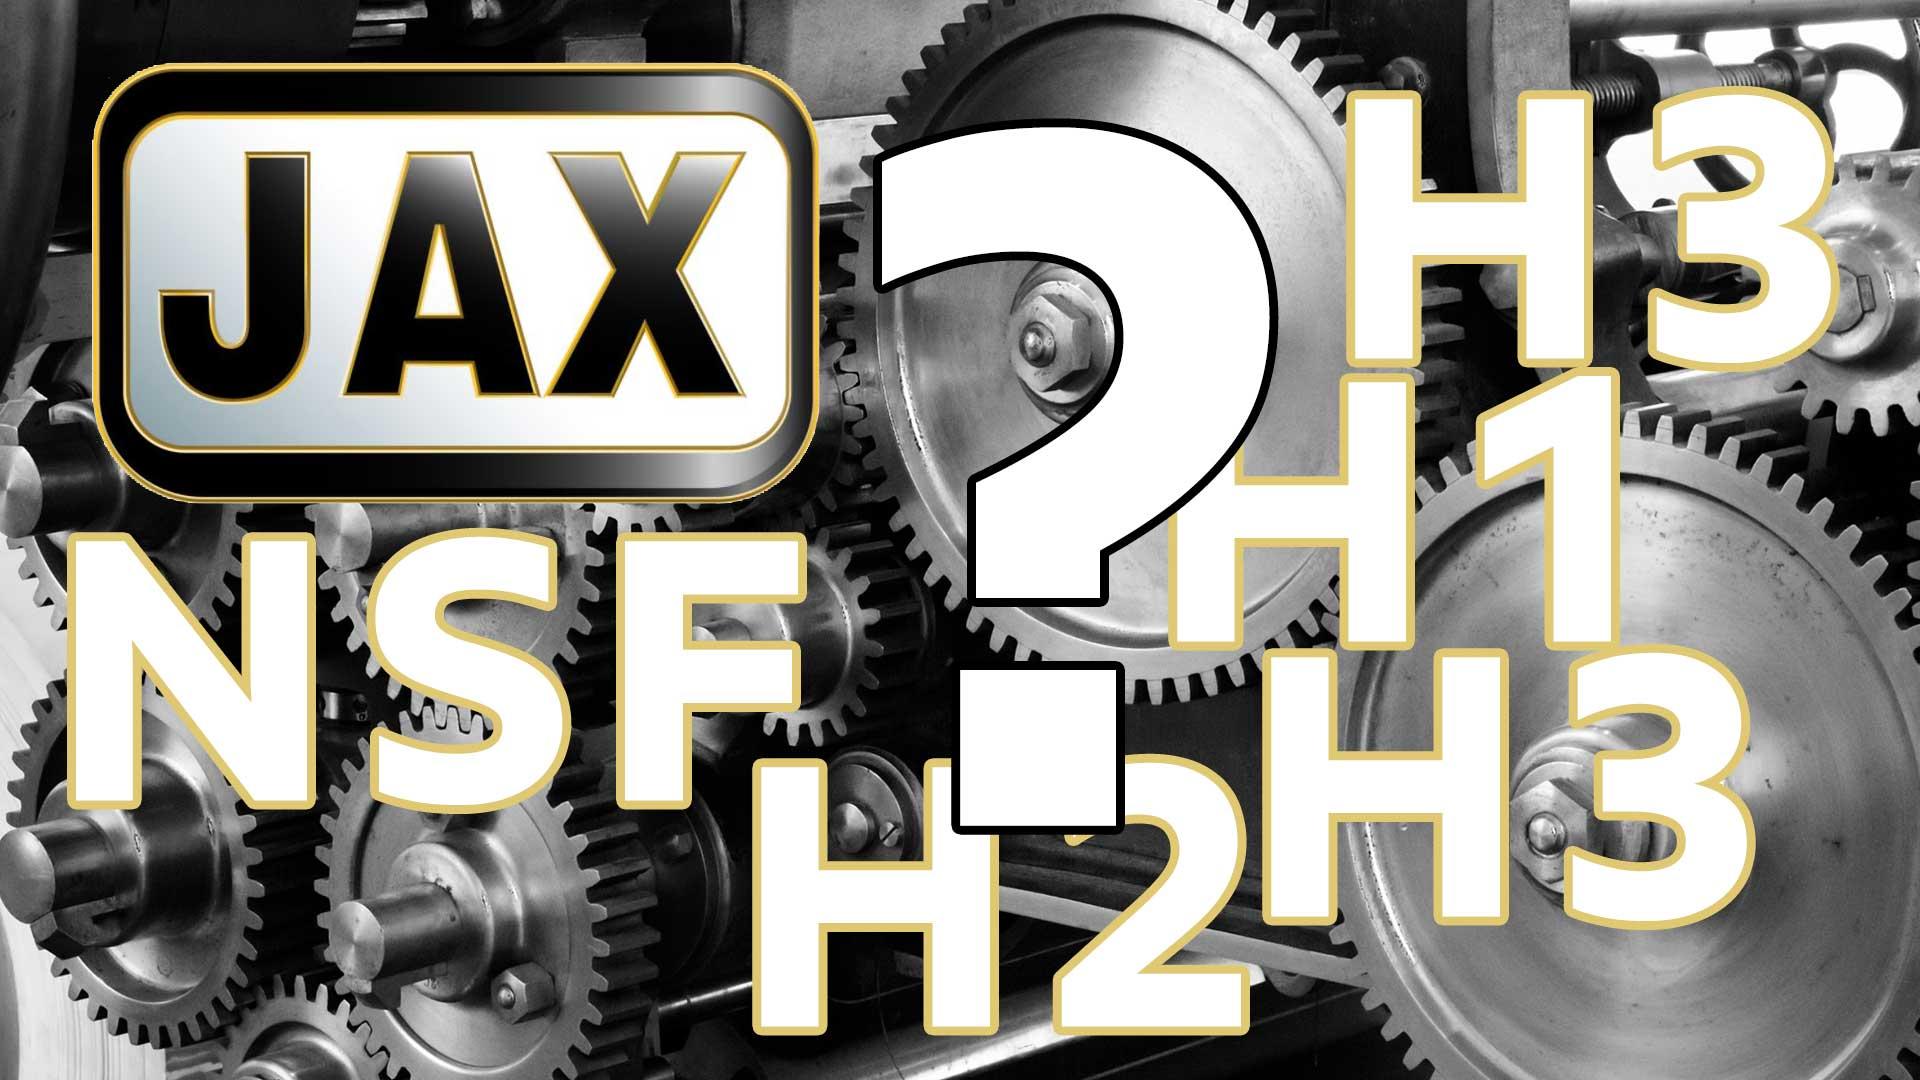 Hva betyr betegnelsen H1,H2,3H,NSF